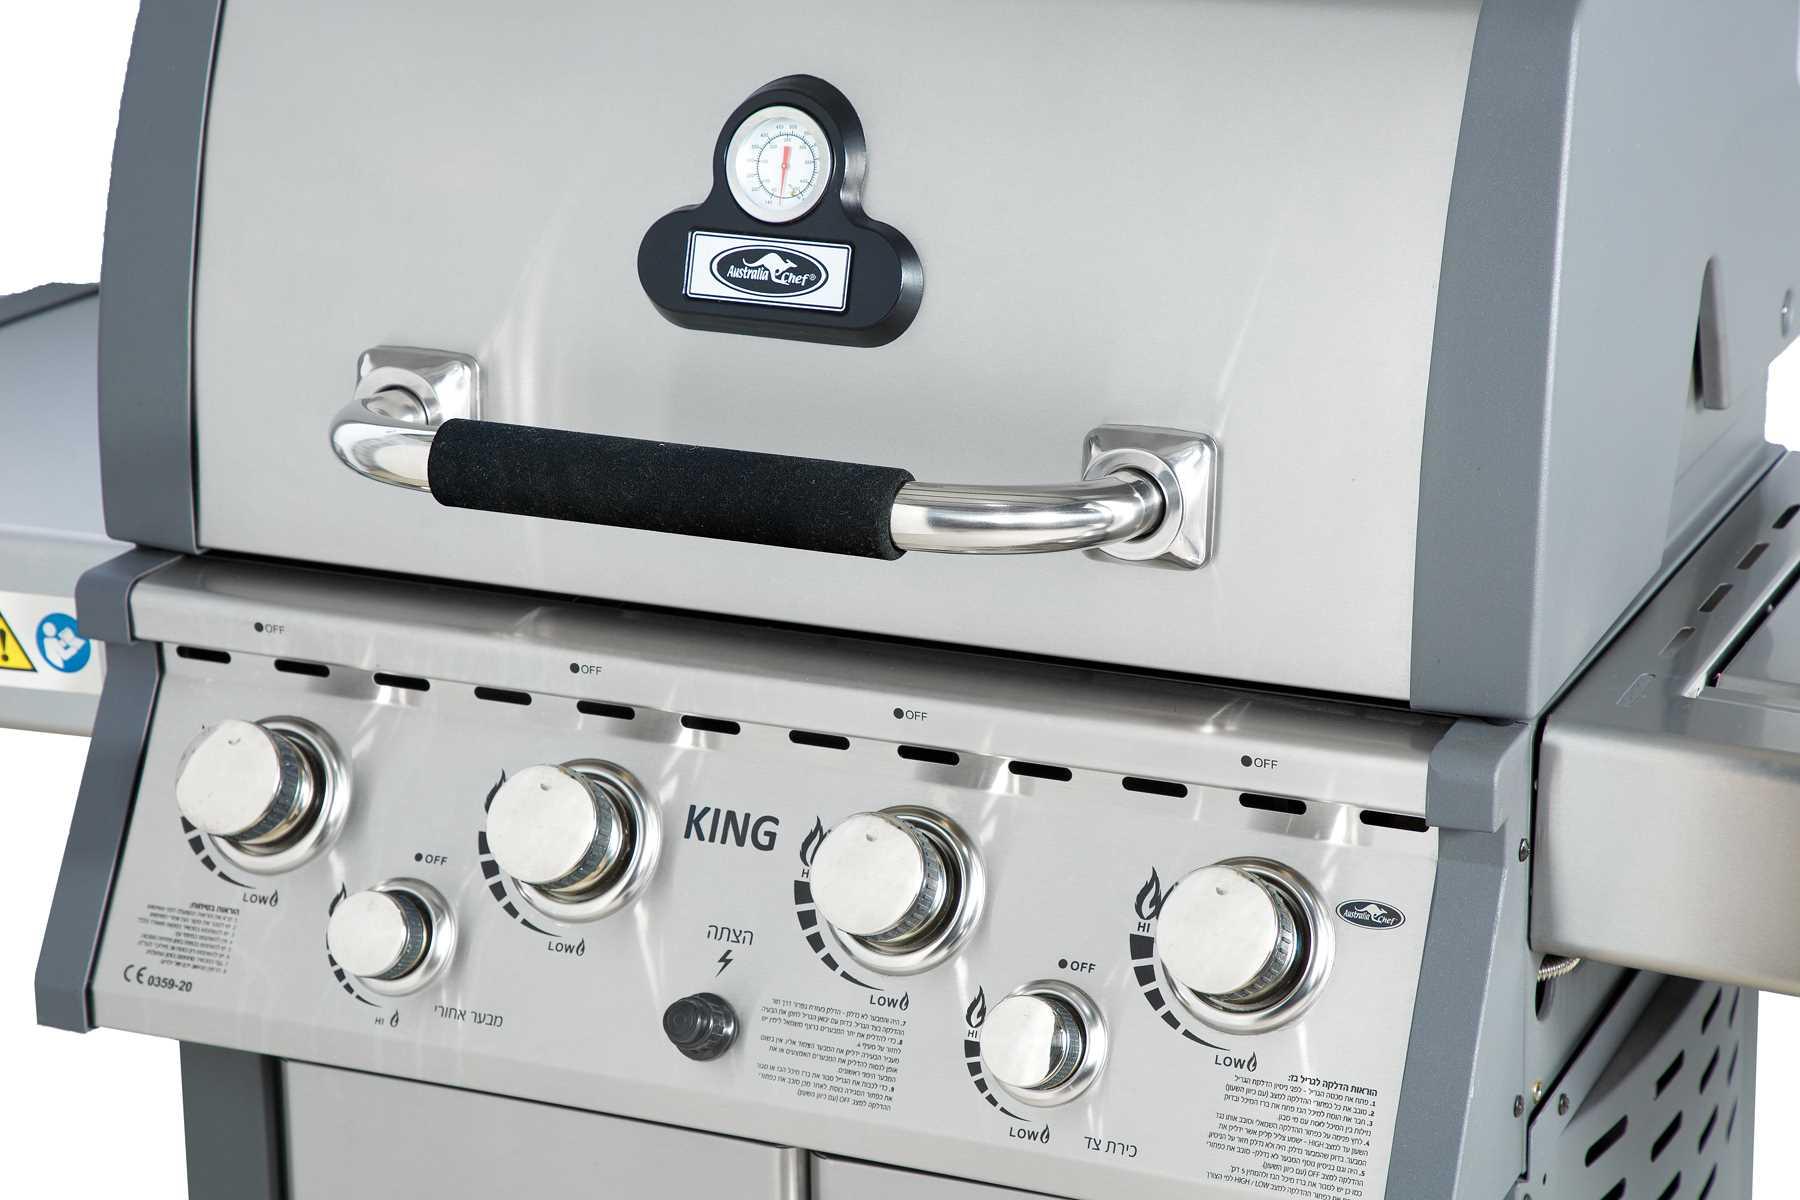 גריל גז מפואר 4 מבערים+כירת צד דגם KING-4 AY435 מבית Australia Chef - תמונה 3